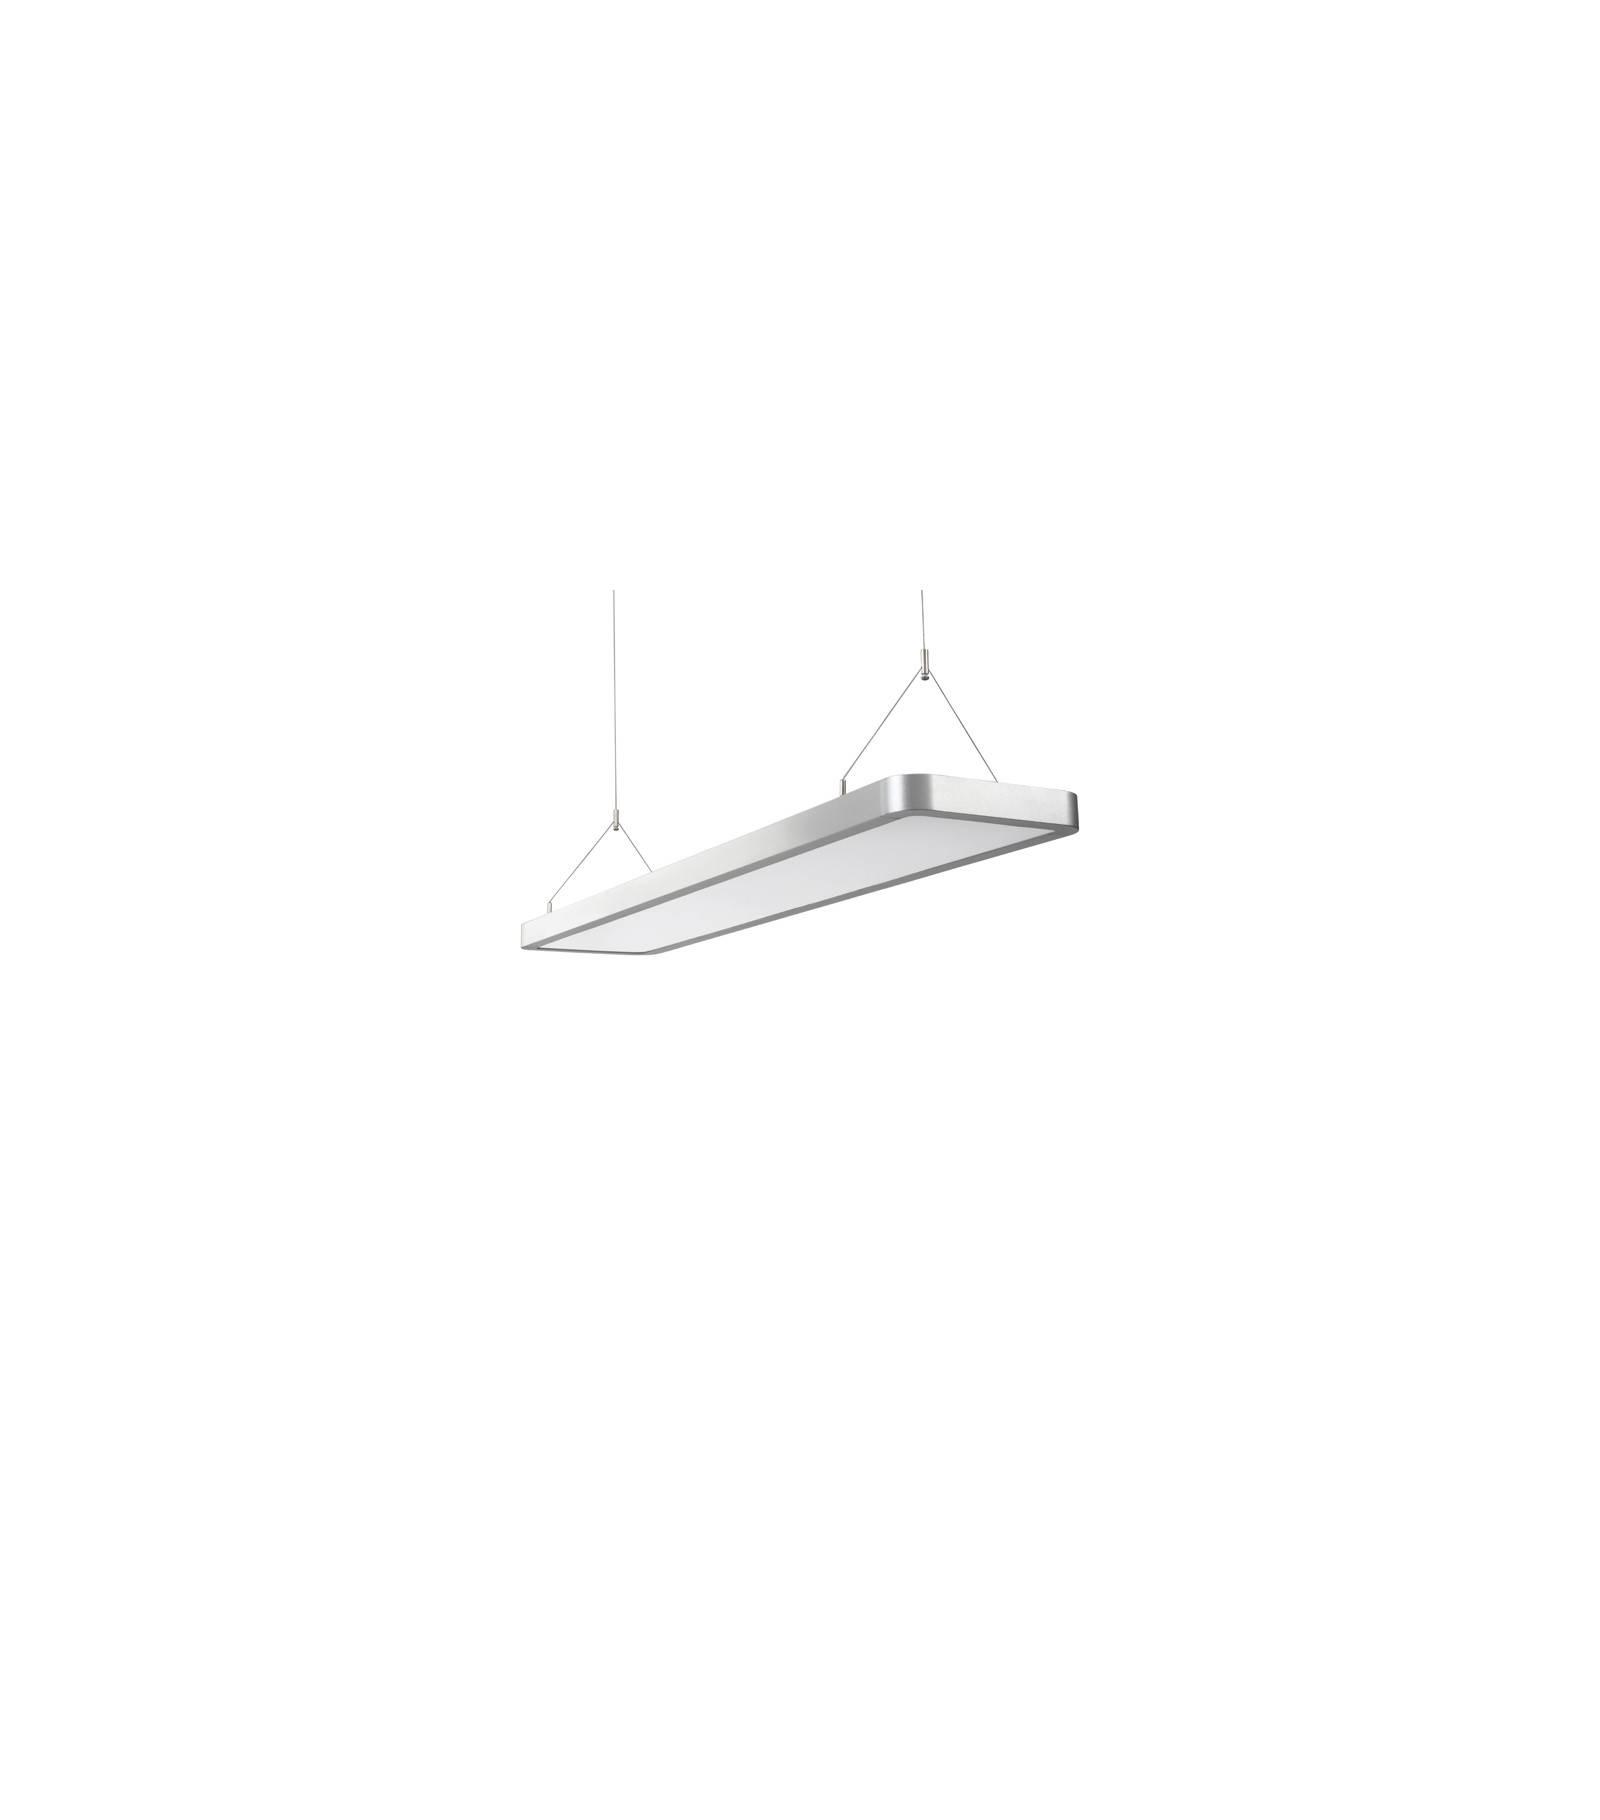 luminaire plafonnier gris vecom 65w led integr s ip20 blanc neutre eclairage professionnel. Black Bedroom Furniture Sets. Home Design Ideas